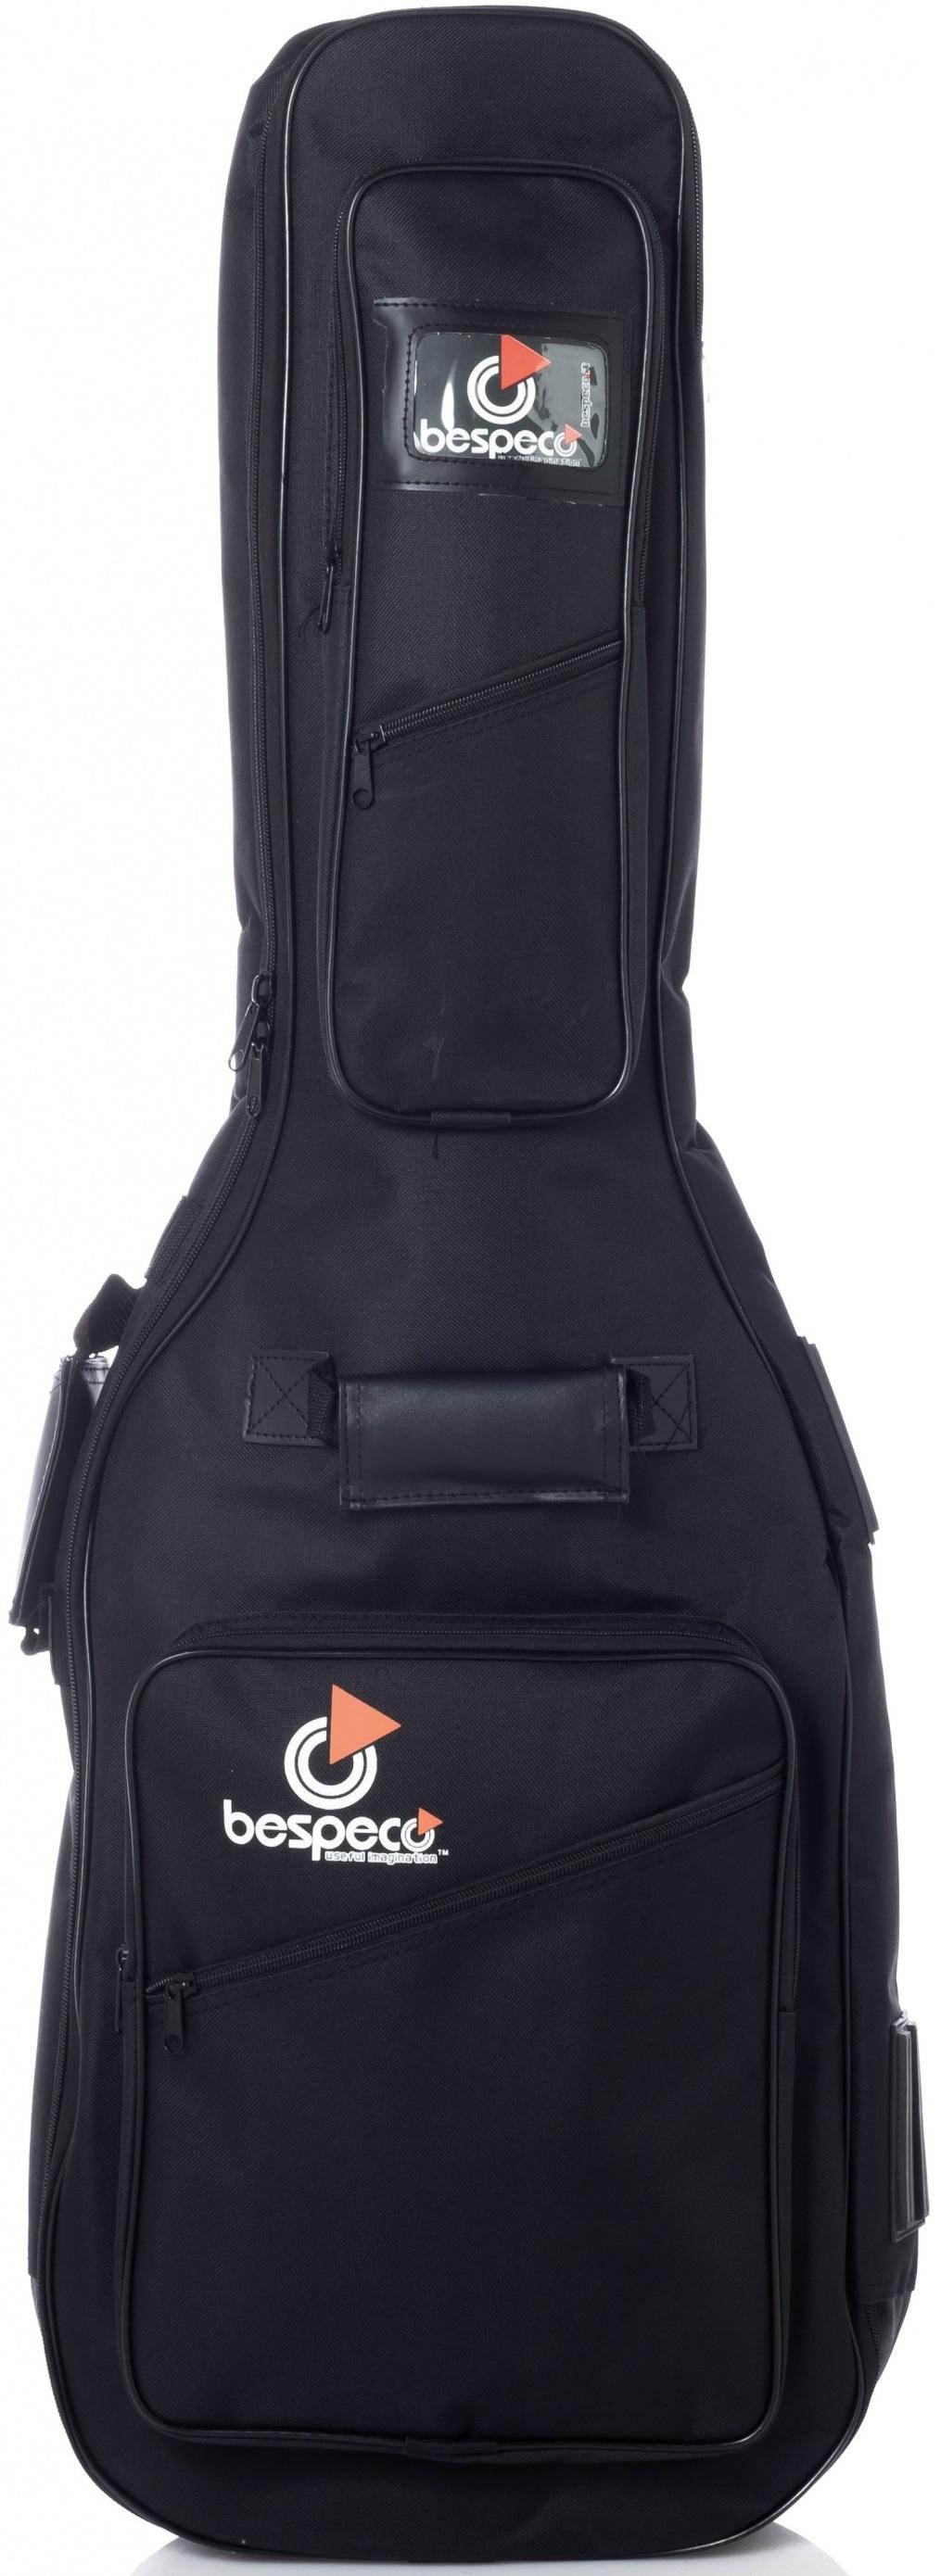 Bespeco BAG120EG